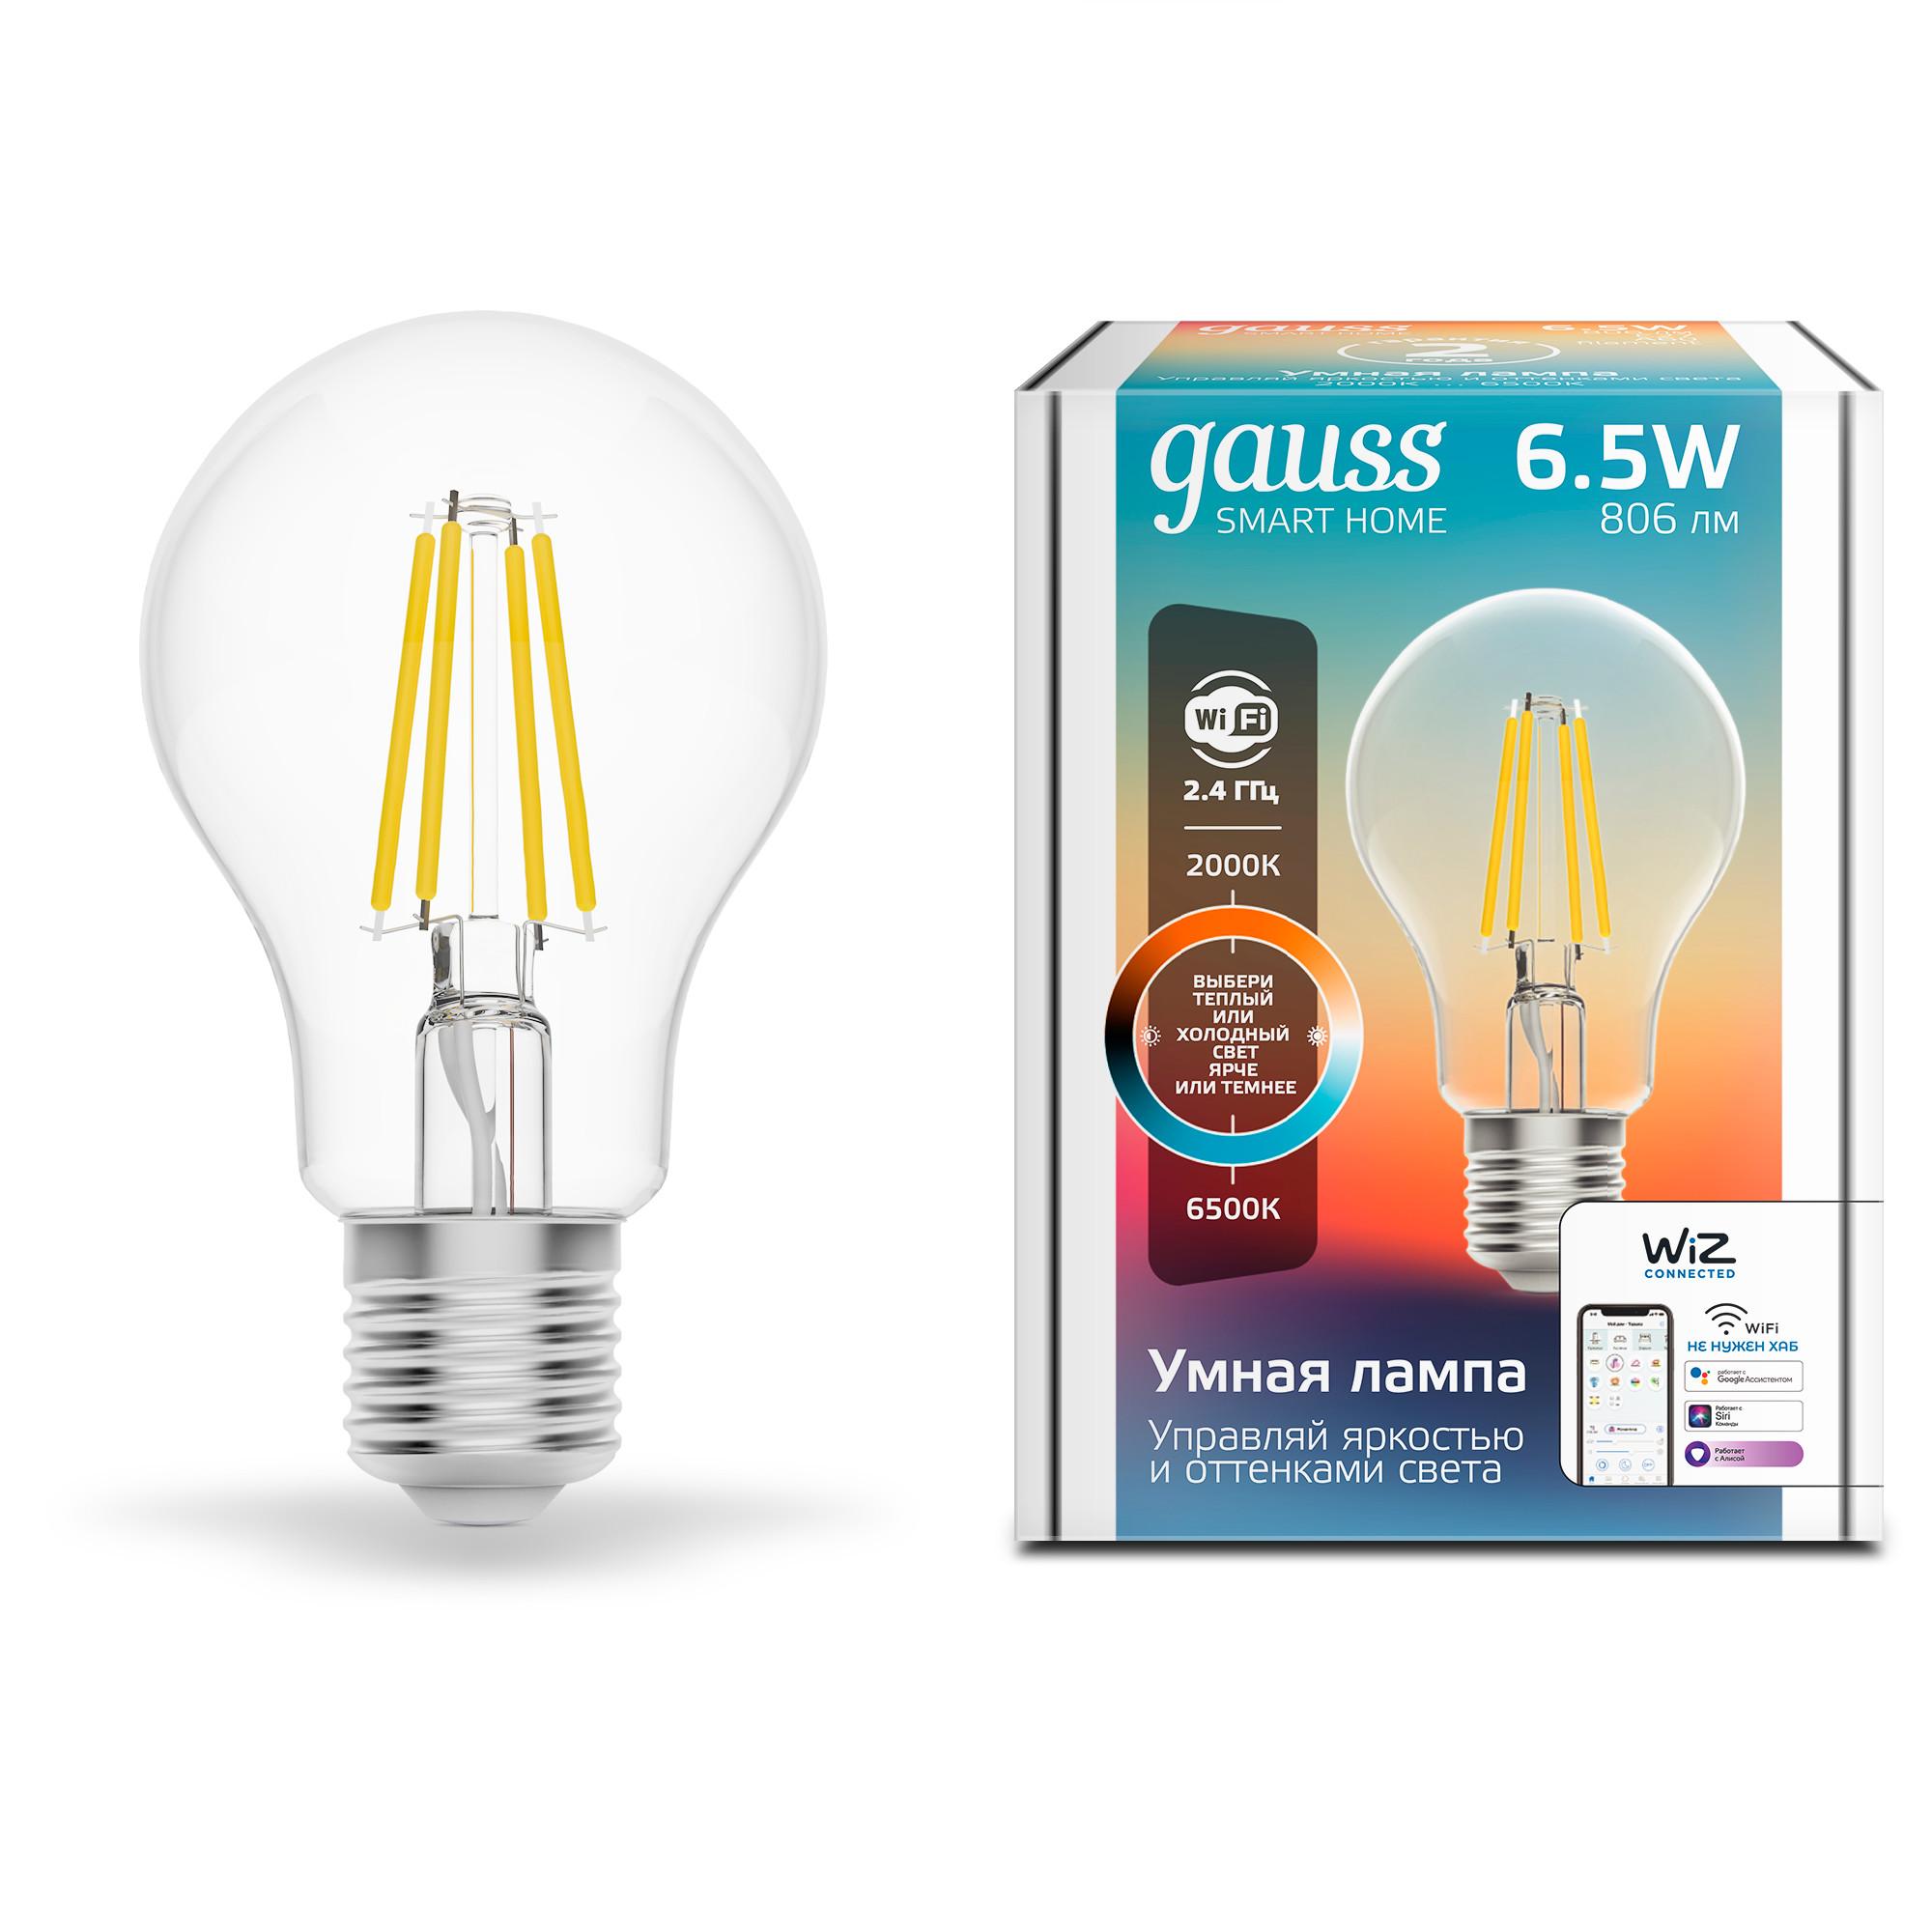 Лампа умная светодиодная филаментная Gauss E27 220-240 В 6.5 Вт груша прозрачная 806 лм регулируемый цвет света для диммера